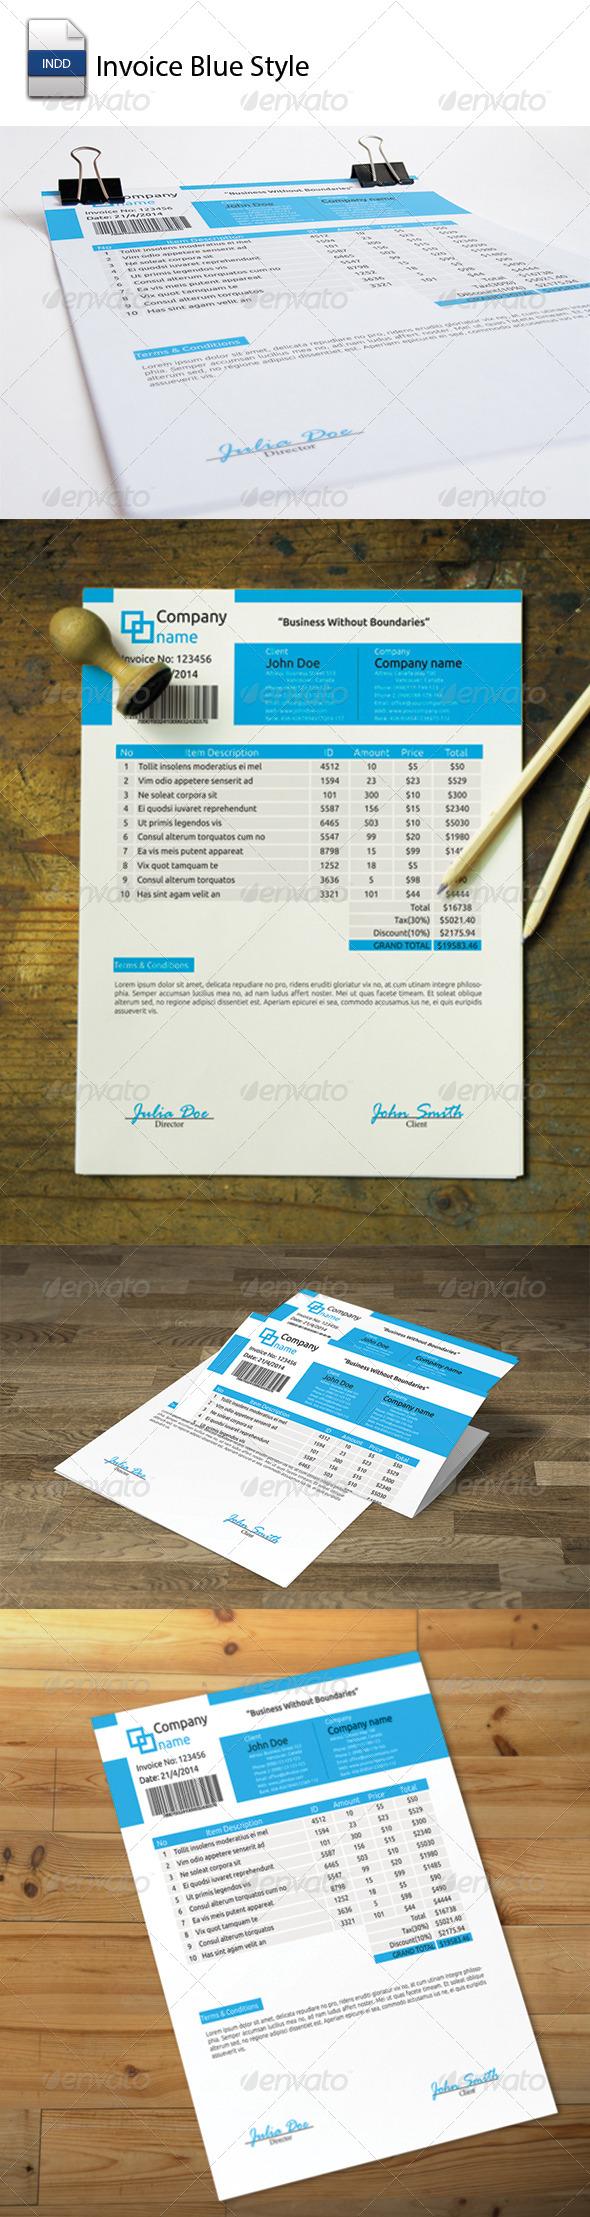 GraphicRiver Invoice Blue Style 5532828